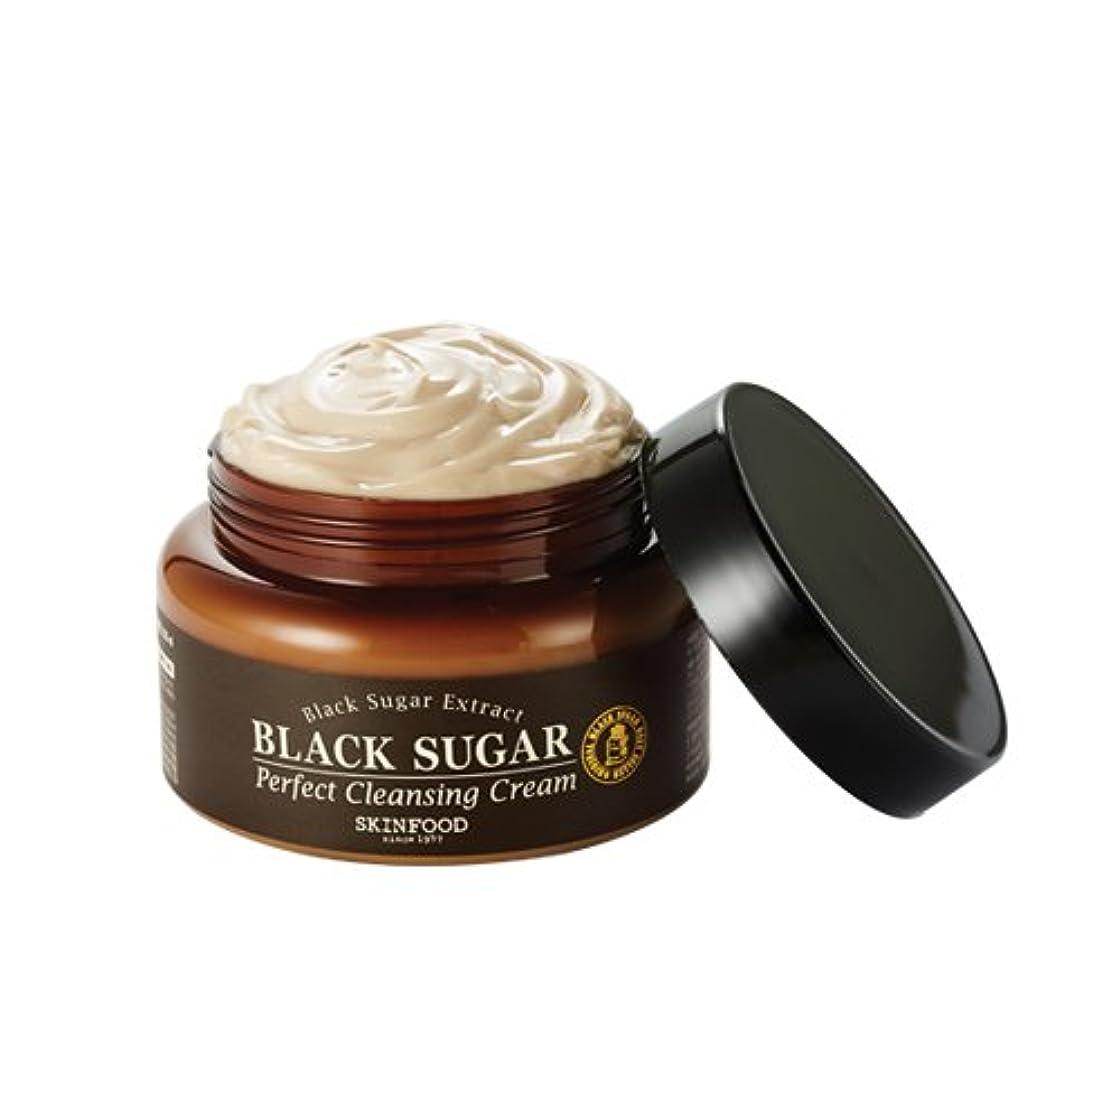 喜劇再撮り吸い込むSkinfood/Black Sugar Perfect Cleansing Cream/黒糖パーフェクトクレンジングクリーム/230ml [並行輸入品]